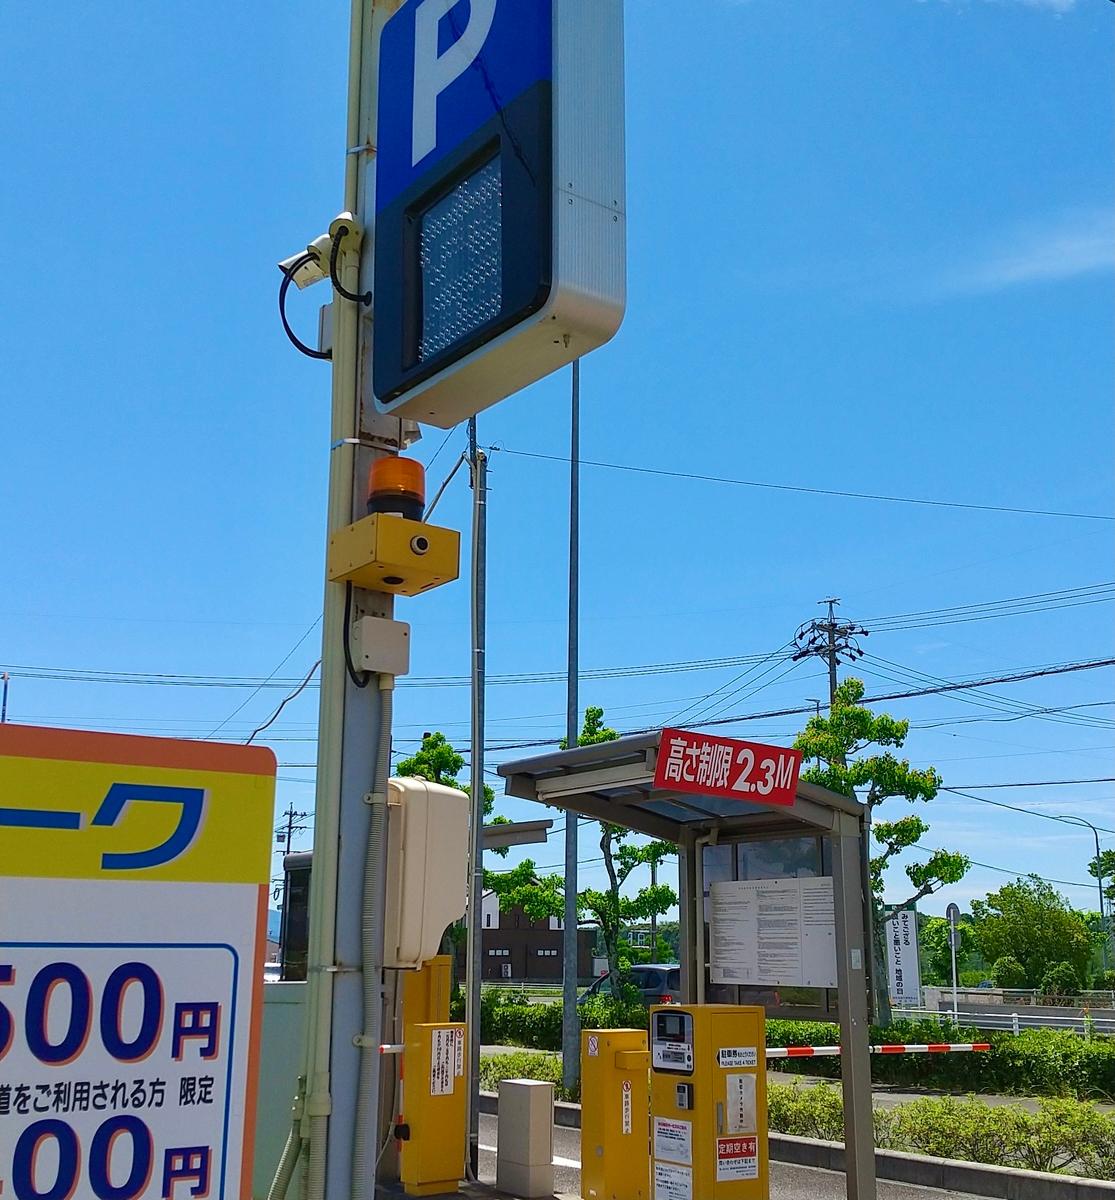 愛知環状鉄道線・保見駅前の有料駐車場